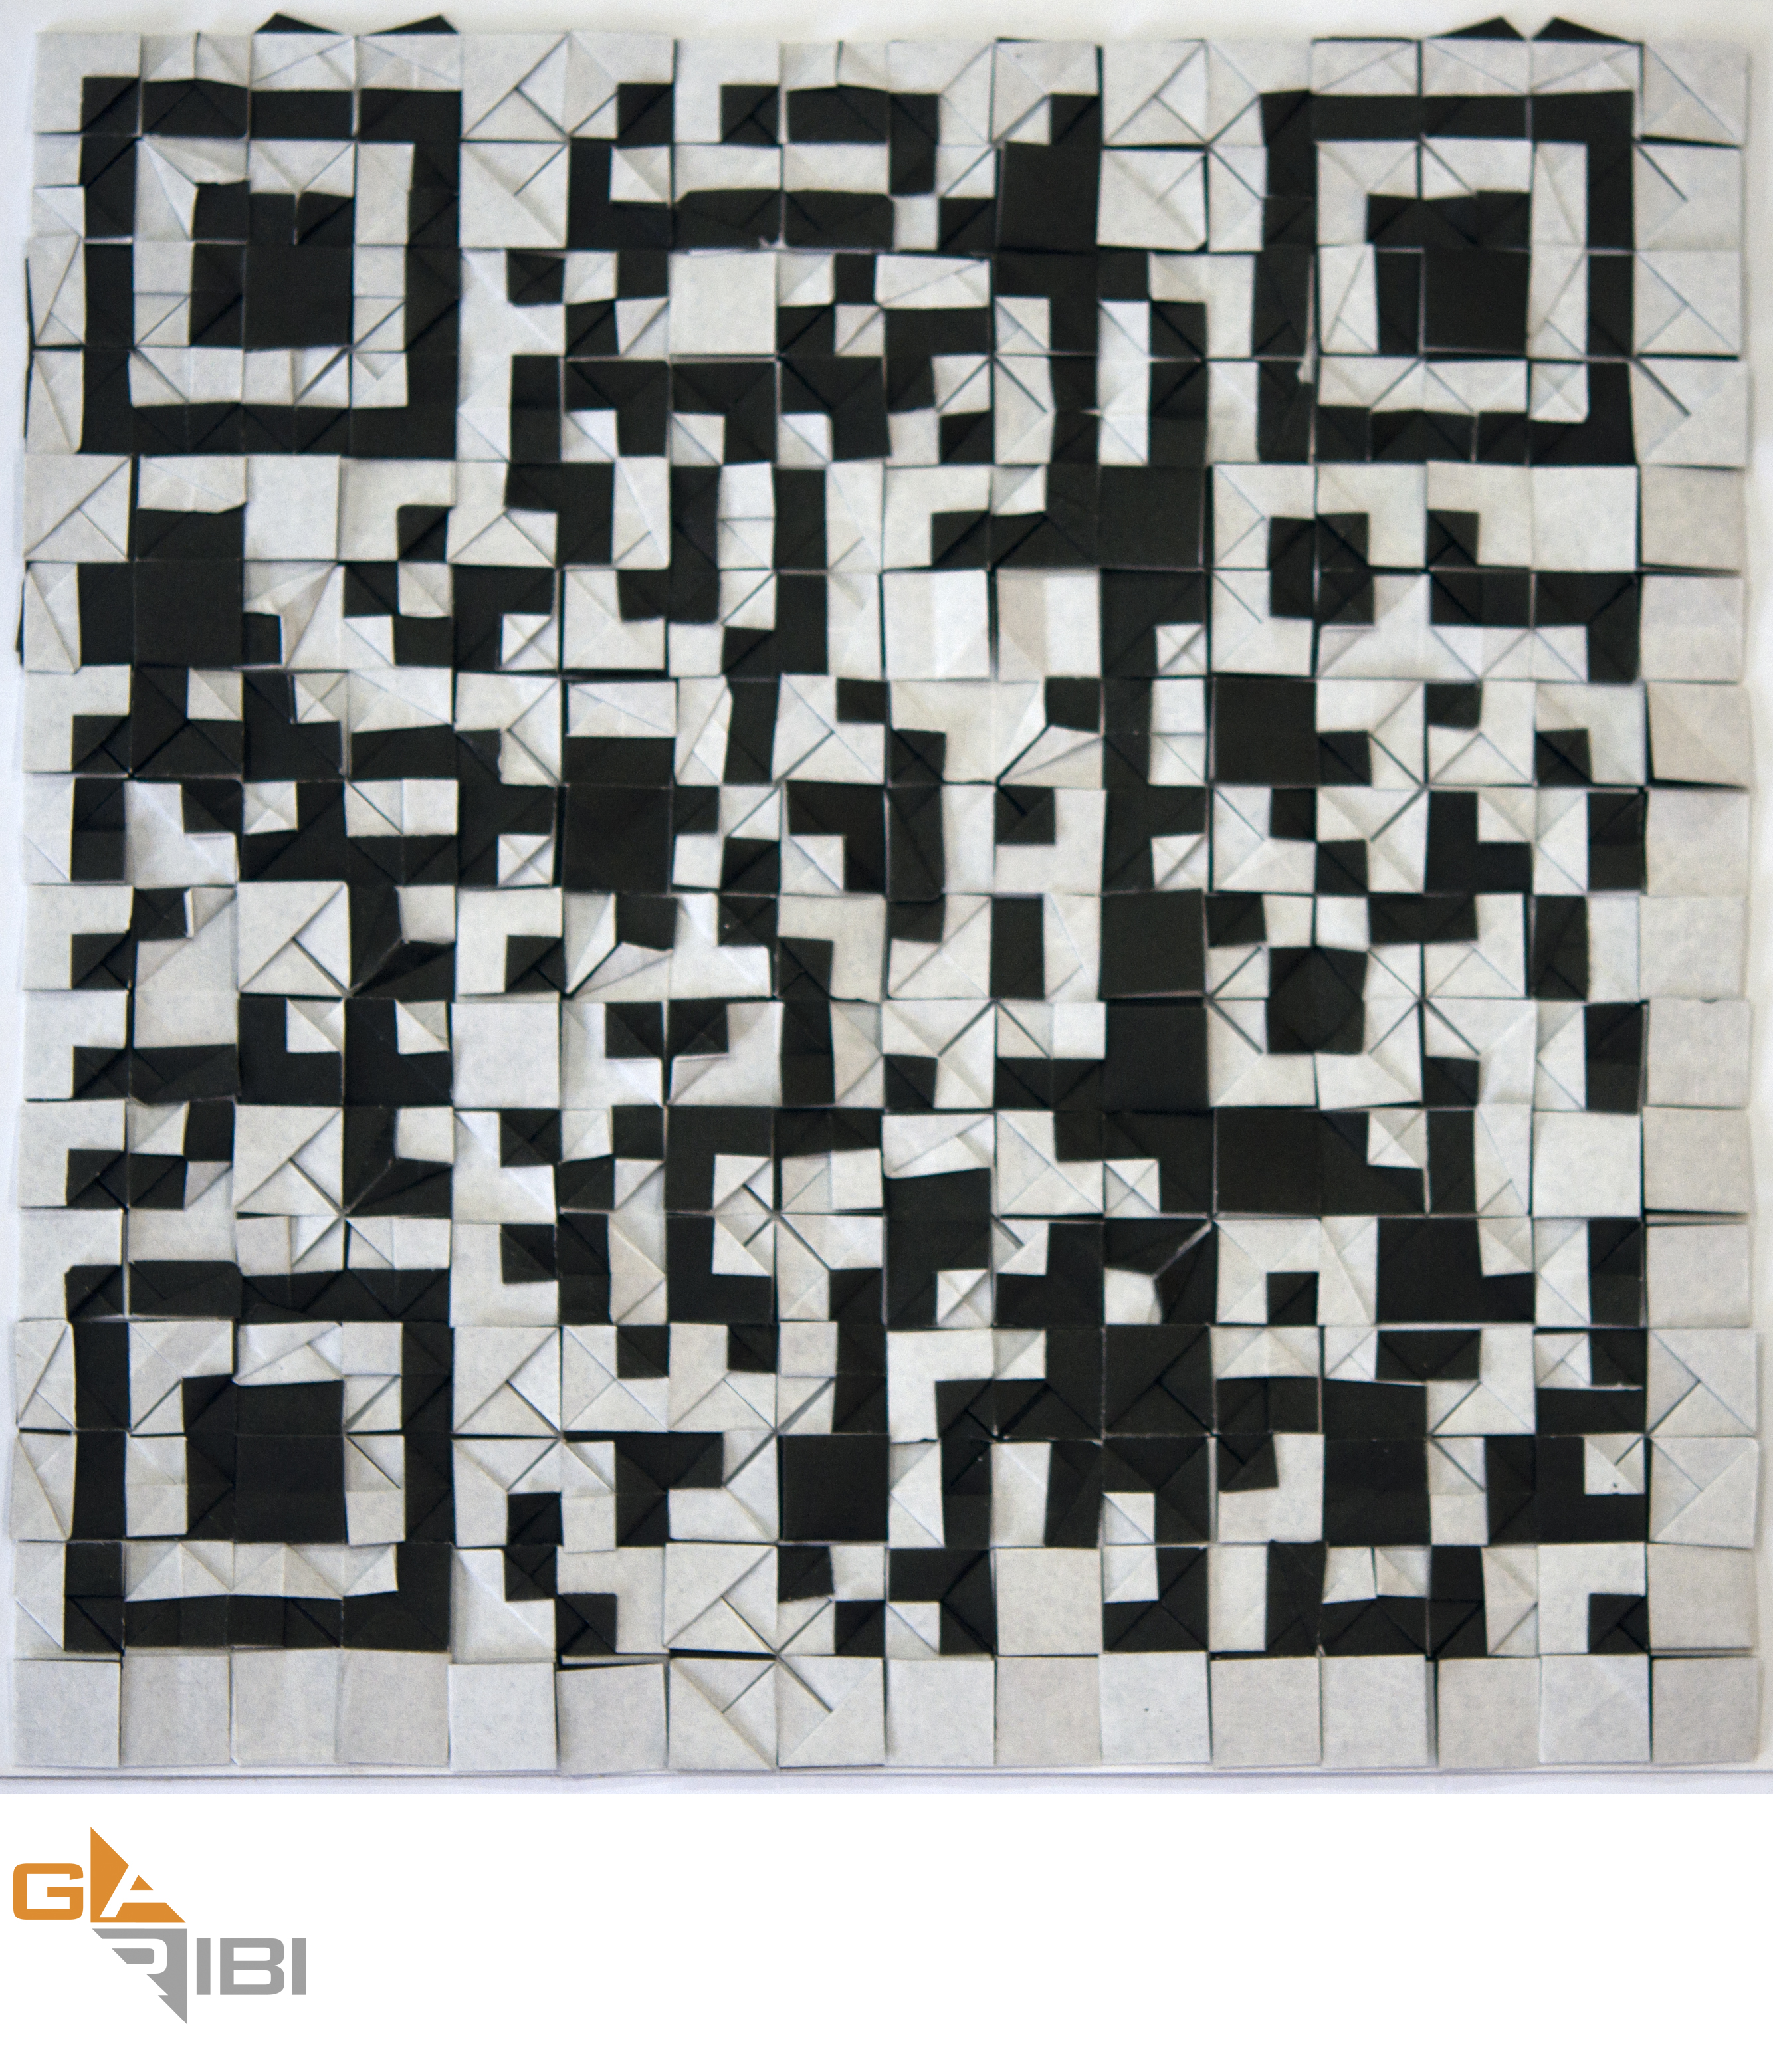 Pixelated Froebel